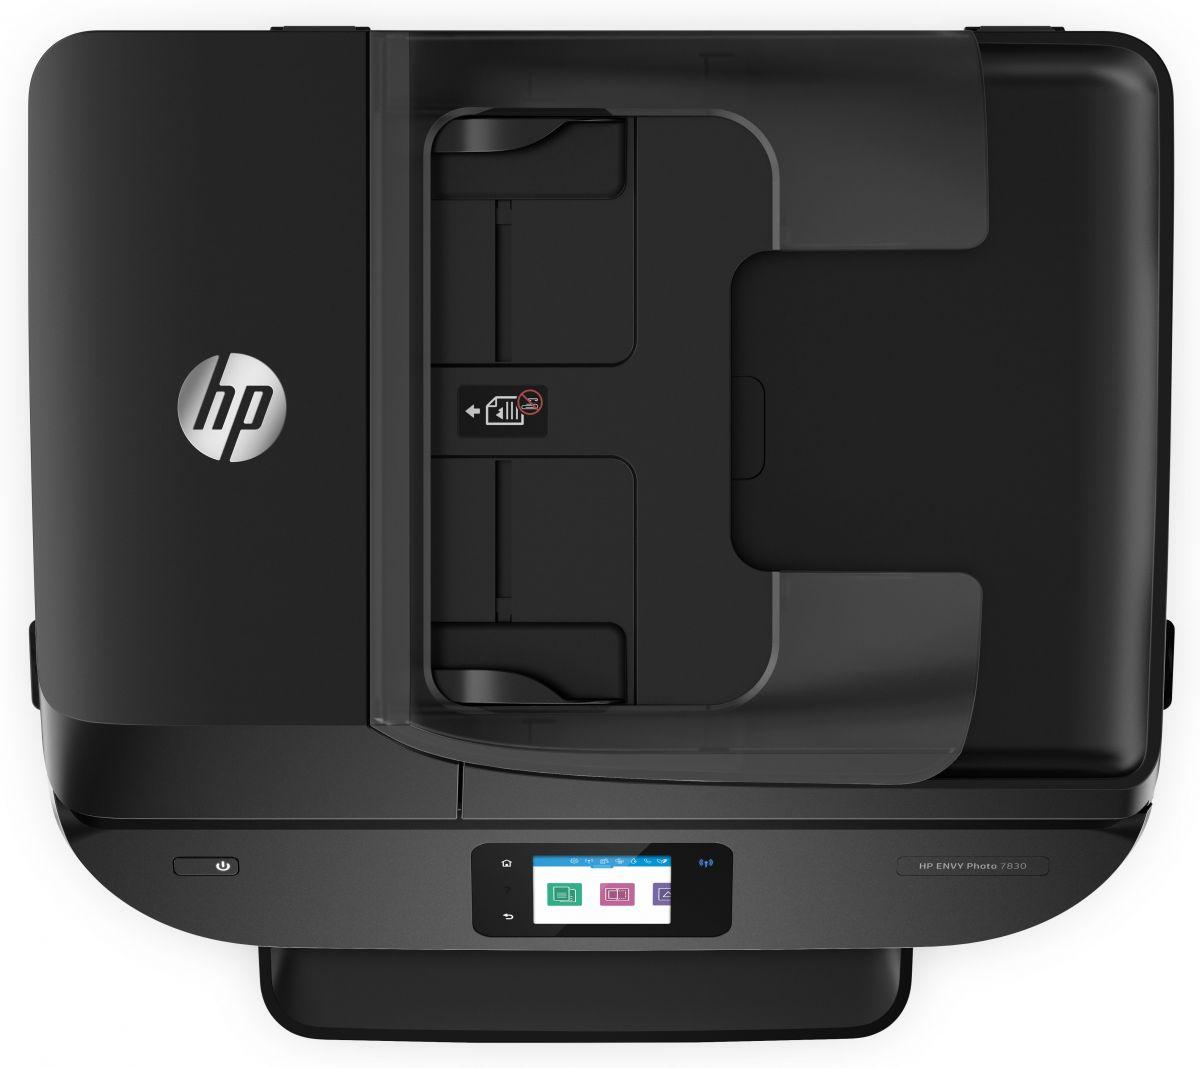 Тест и обзор принтера HP Envy Photo 7830: фотографии по космическим ценам